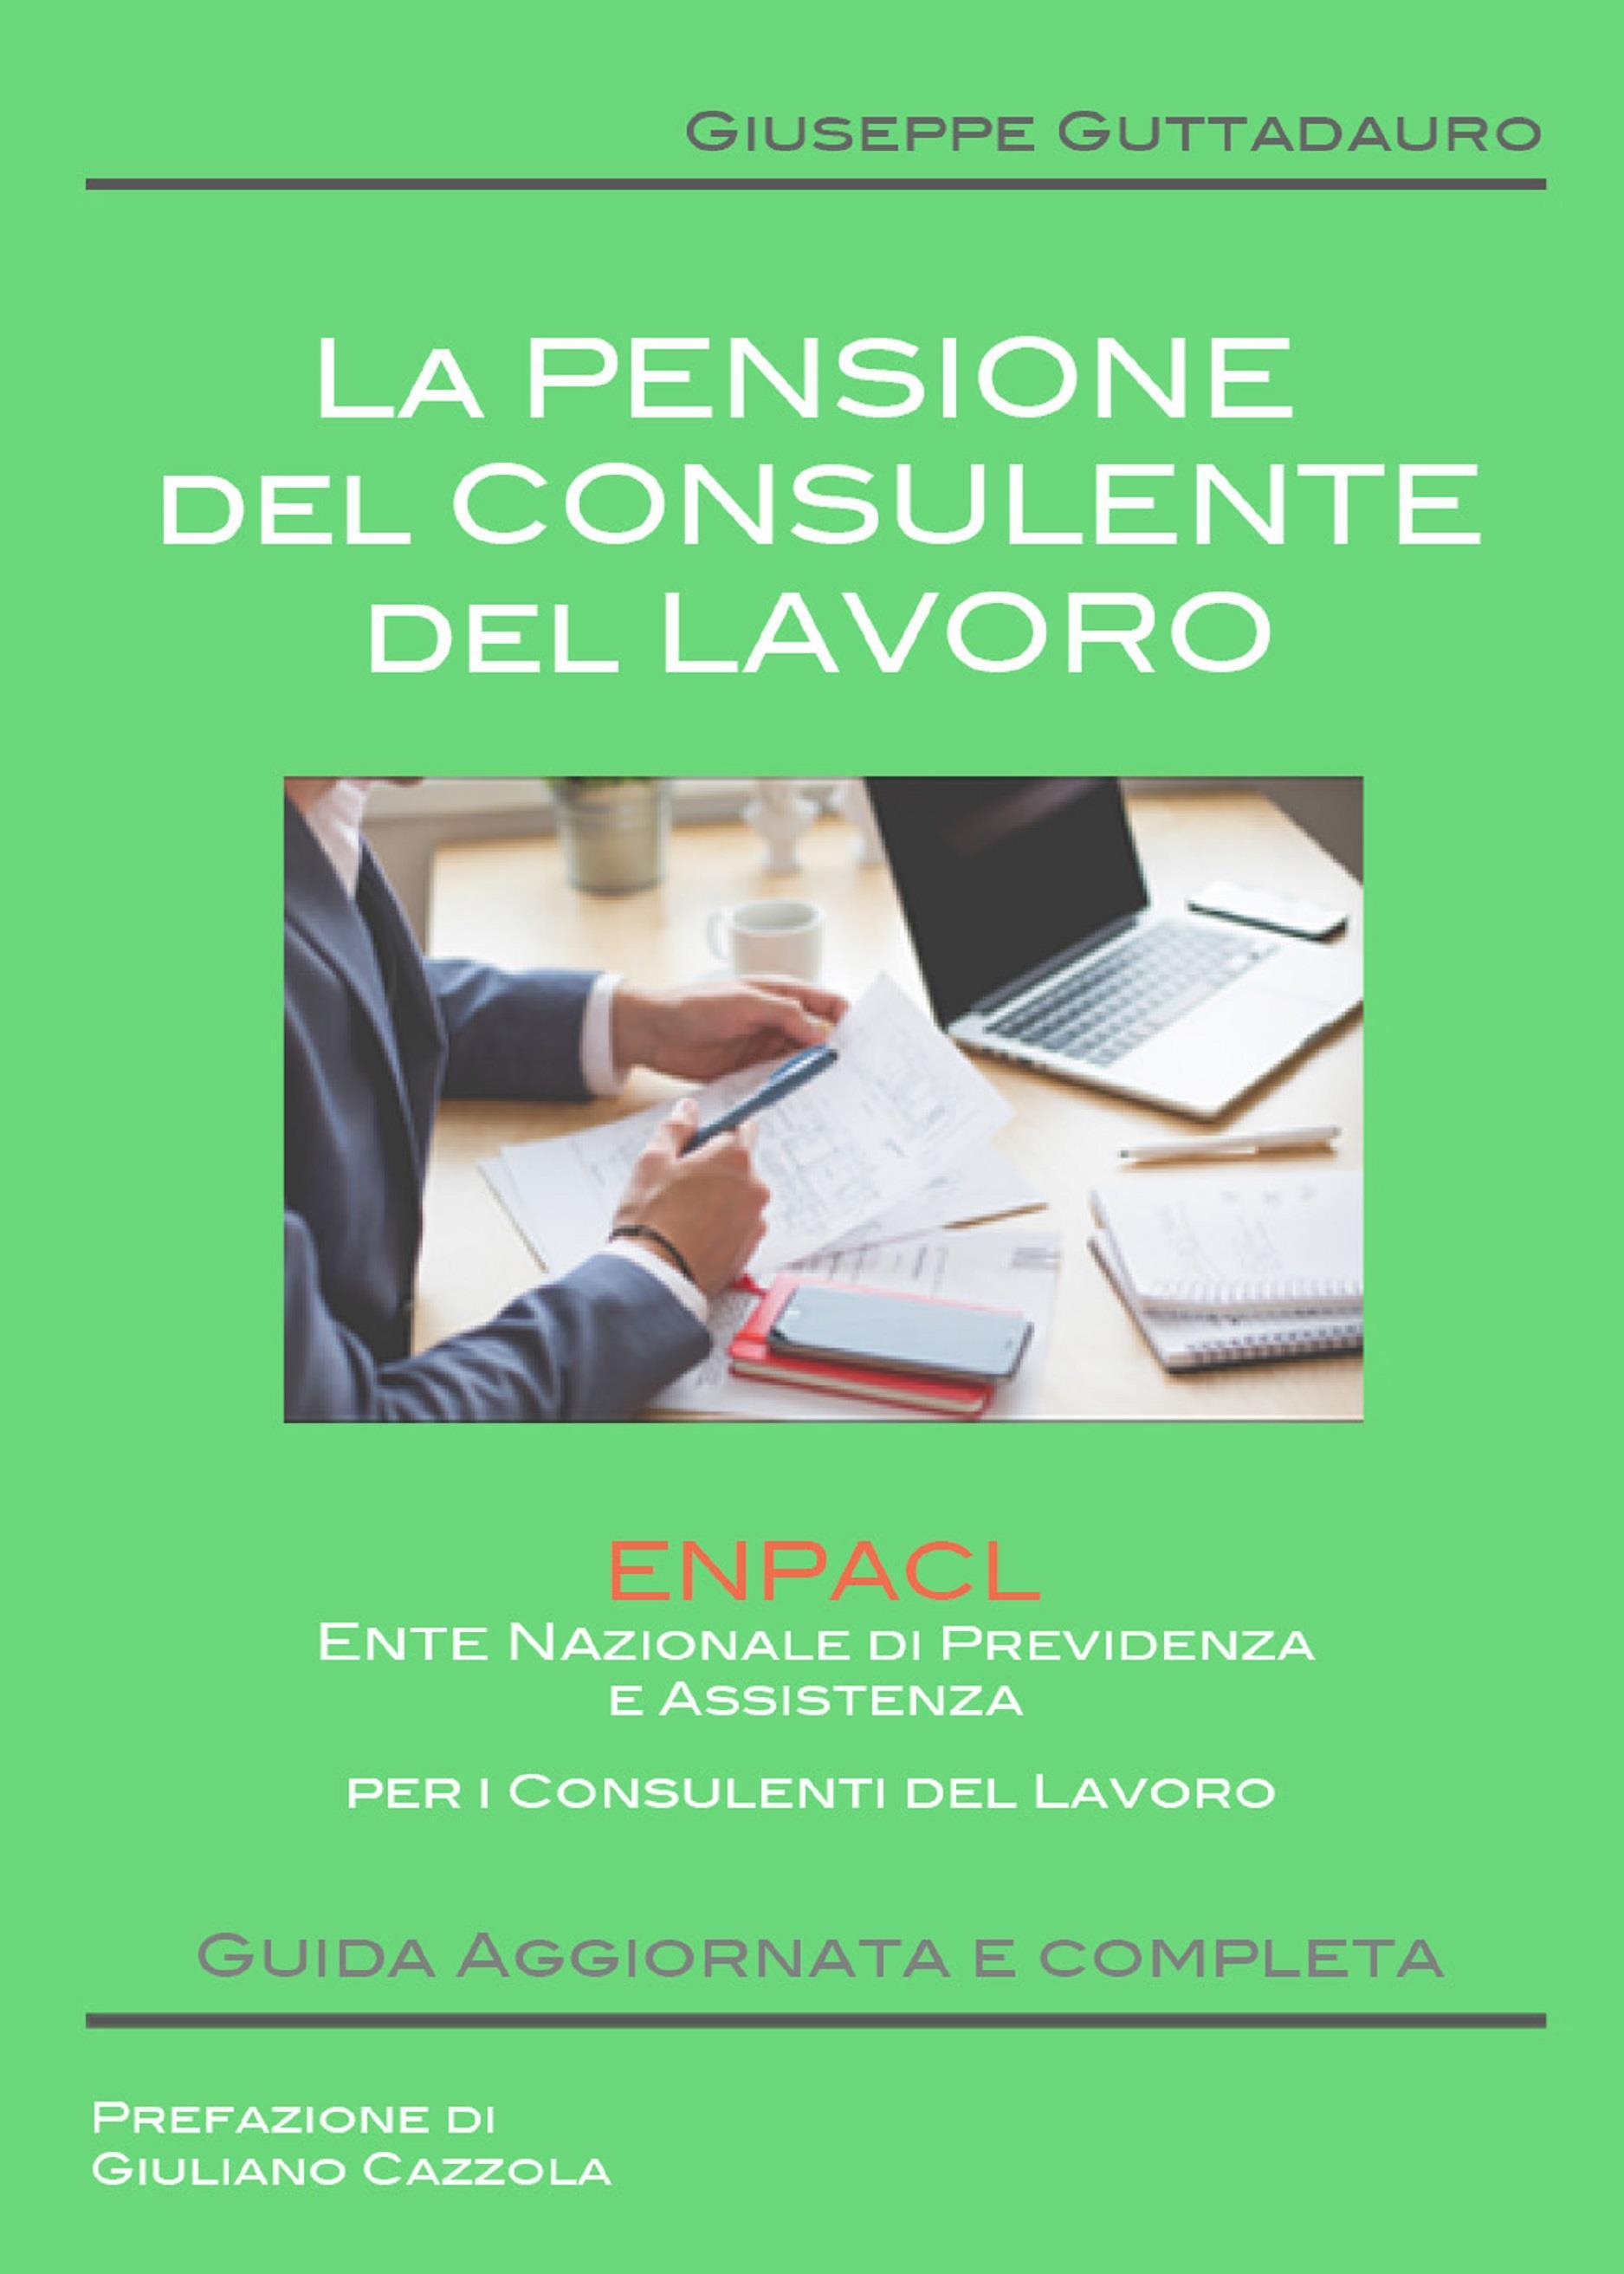 La Pensione del Consulente del Lavoro